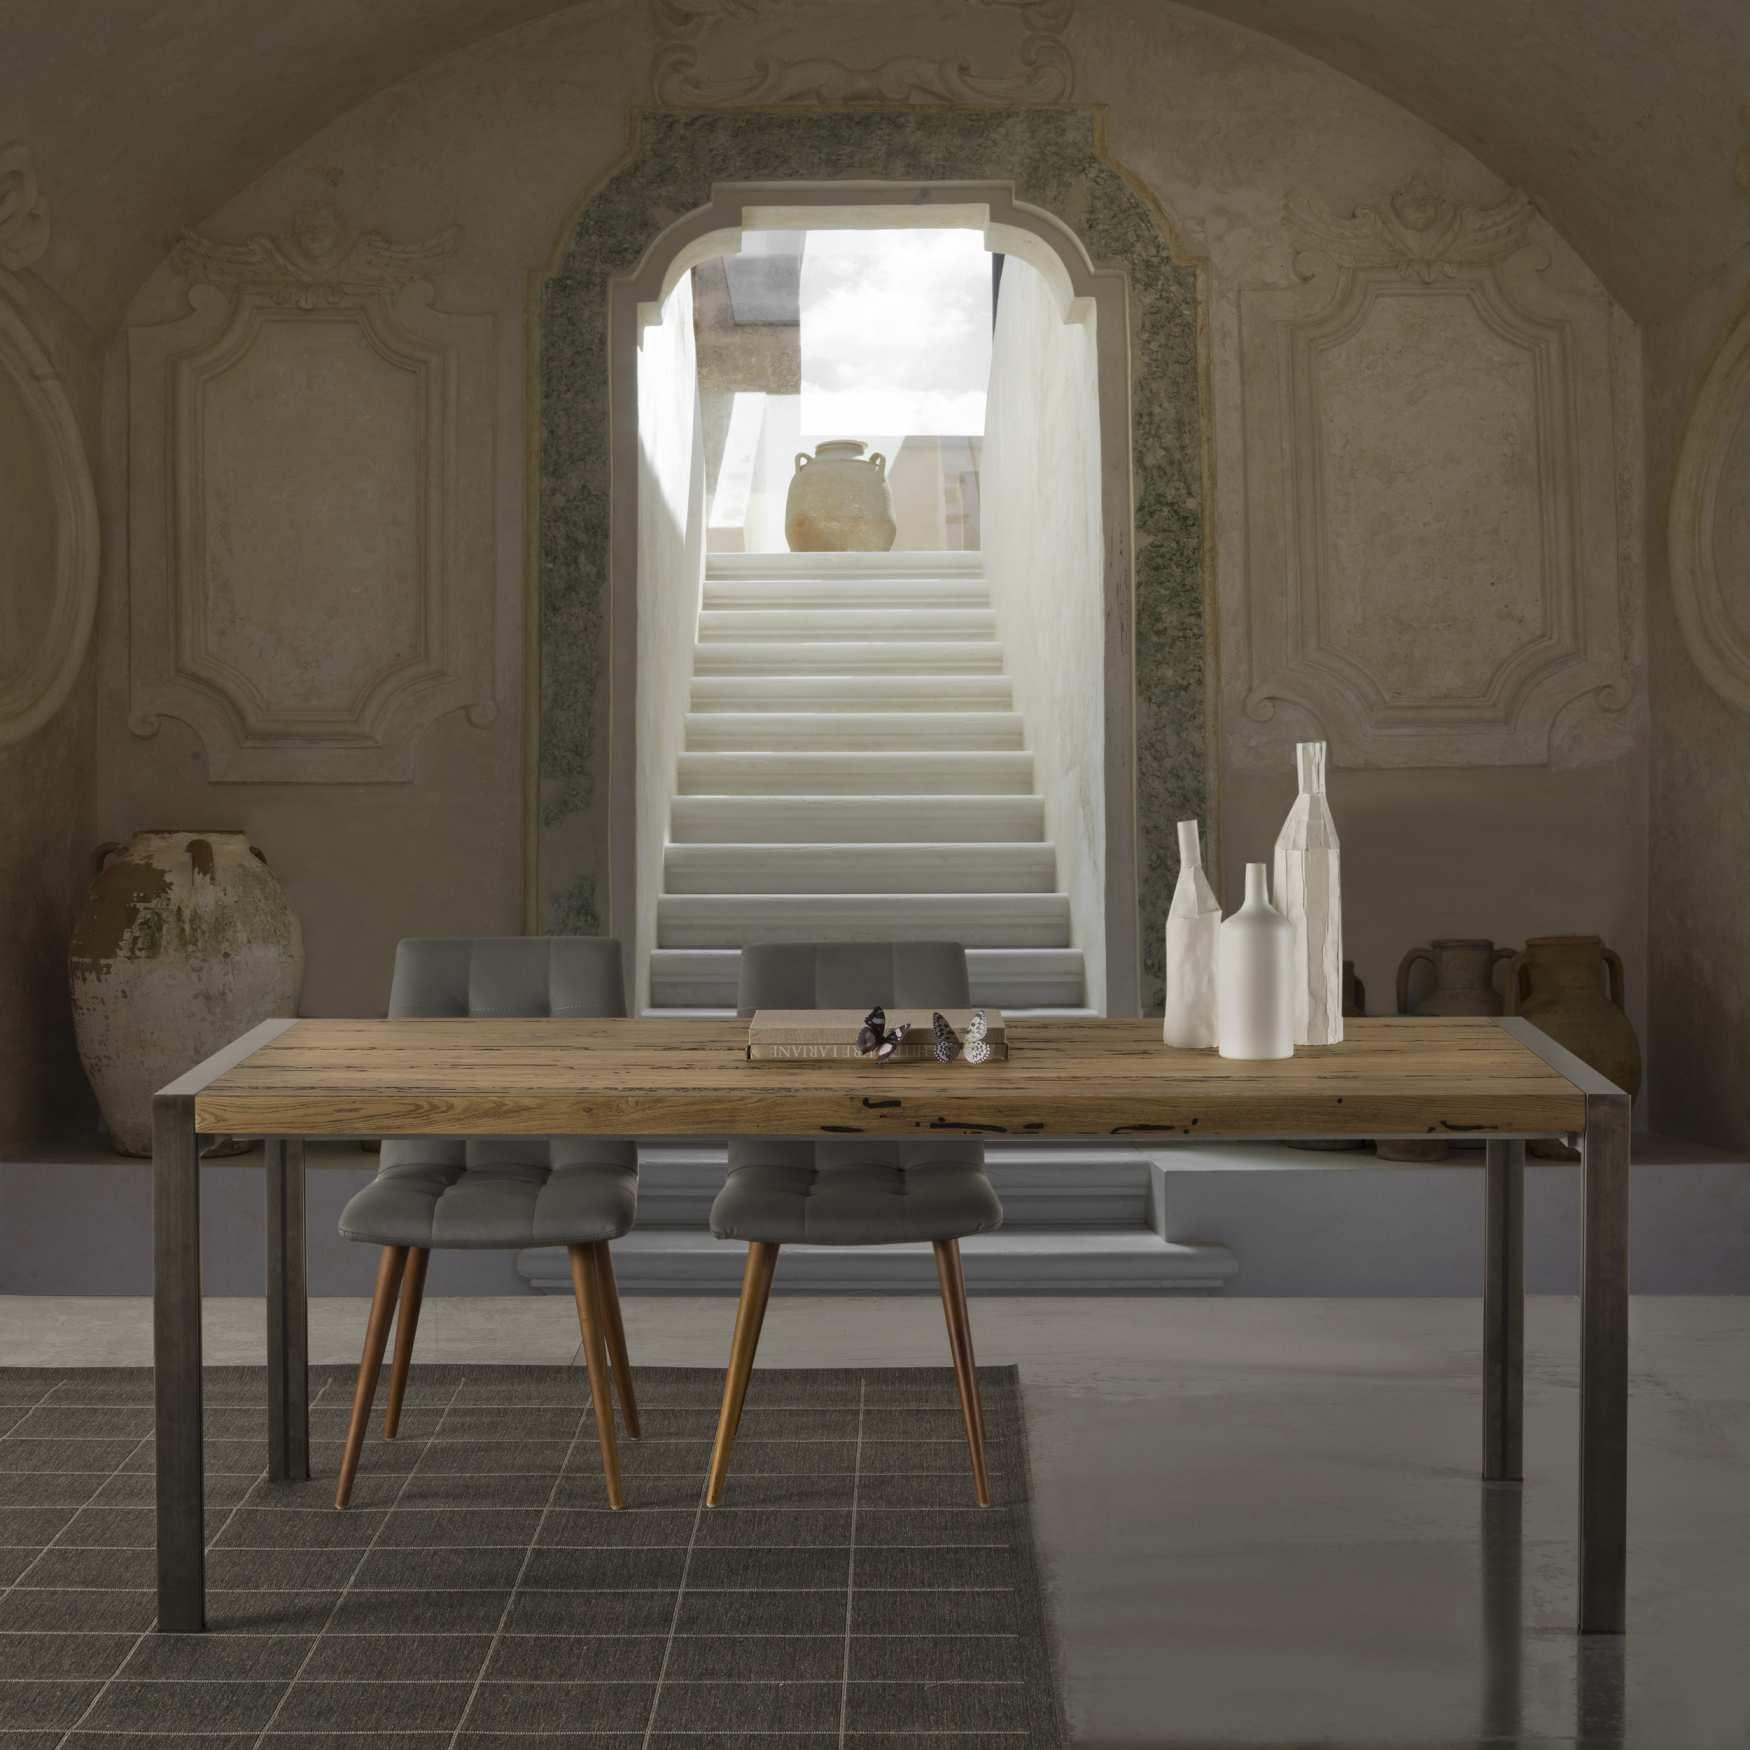 Tavolo design legno skinny milanomondo for Tavoli design occasioni